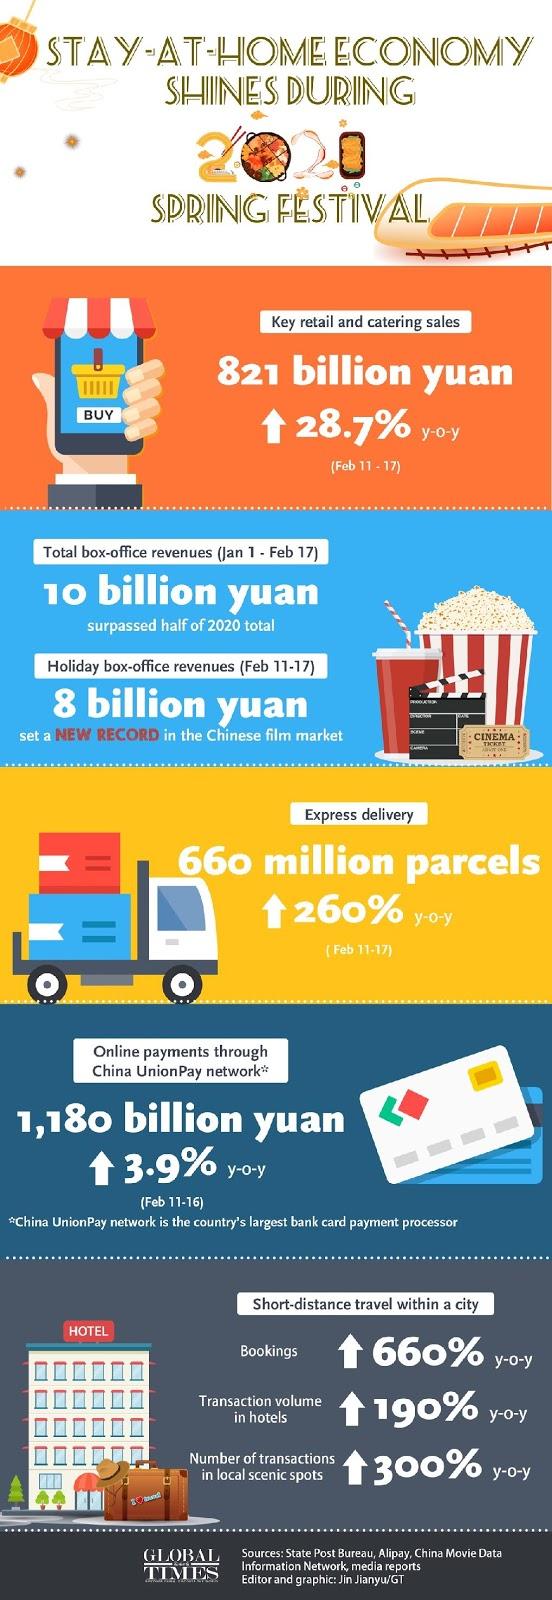 Infographic: Jin Jianyu/GT